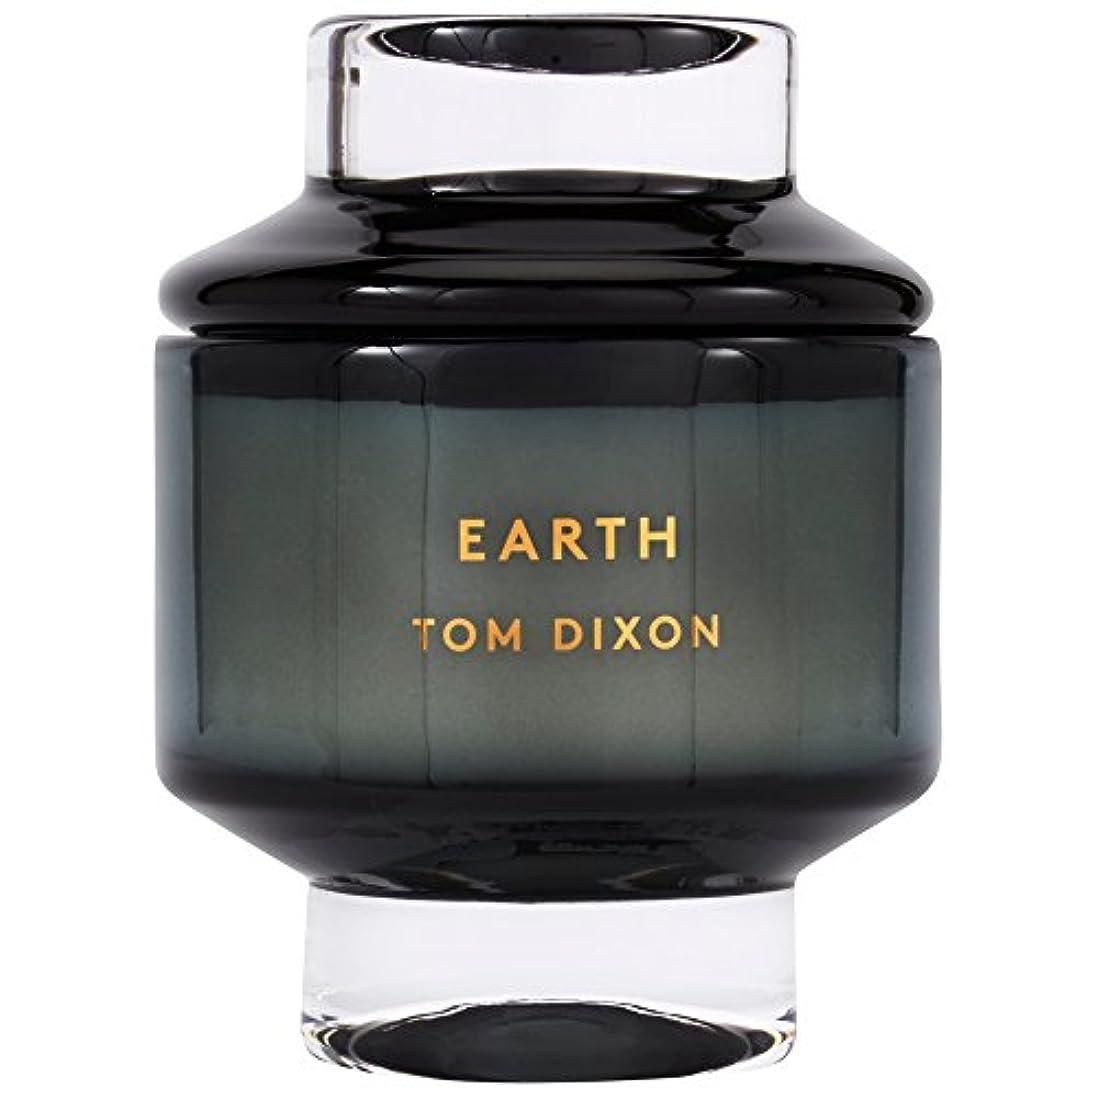 毛細血管気楽な予感Tom Dixon Earth Scented Candle Large (Pack of 2) - トムディクソン地球大の香りのキャンドル x2 [並行輸入品]